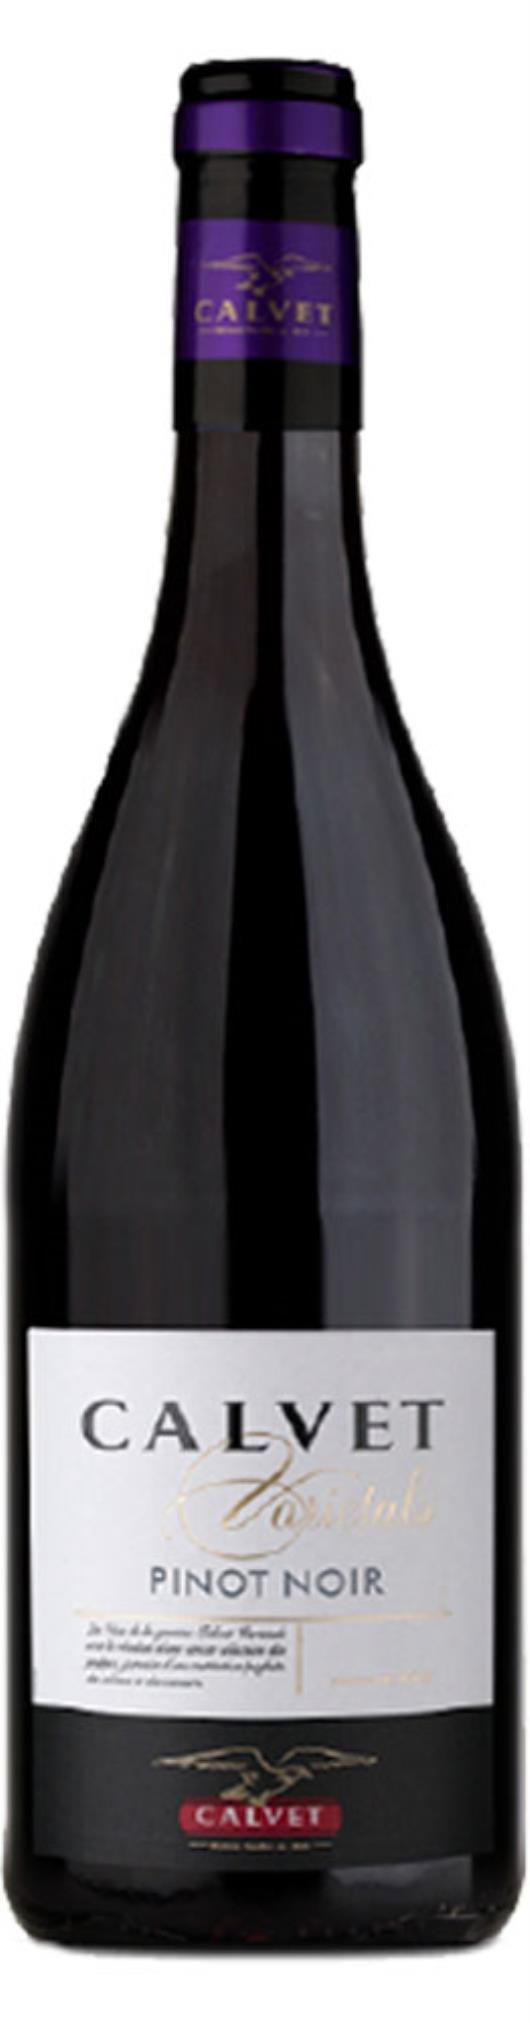 Vinho francês pinot noir Calvet Varietals 750ml - Imagem em destaque